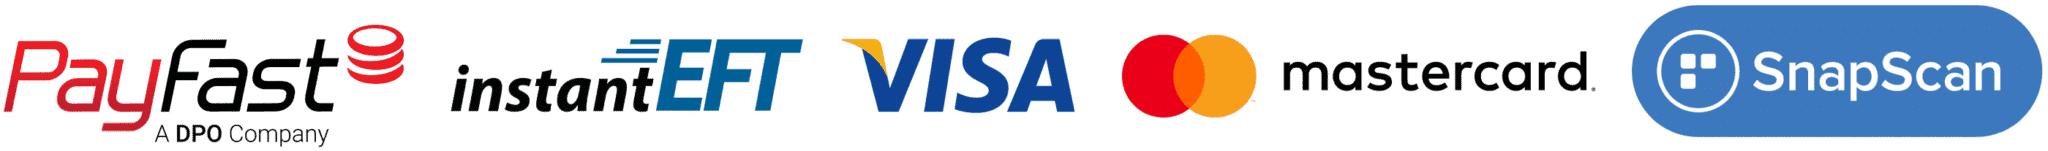 PayFast EFT SnapScan